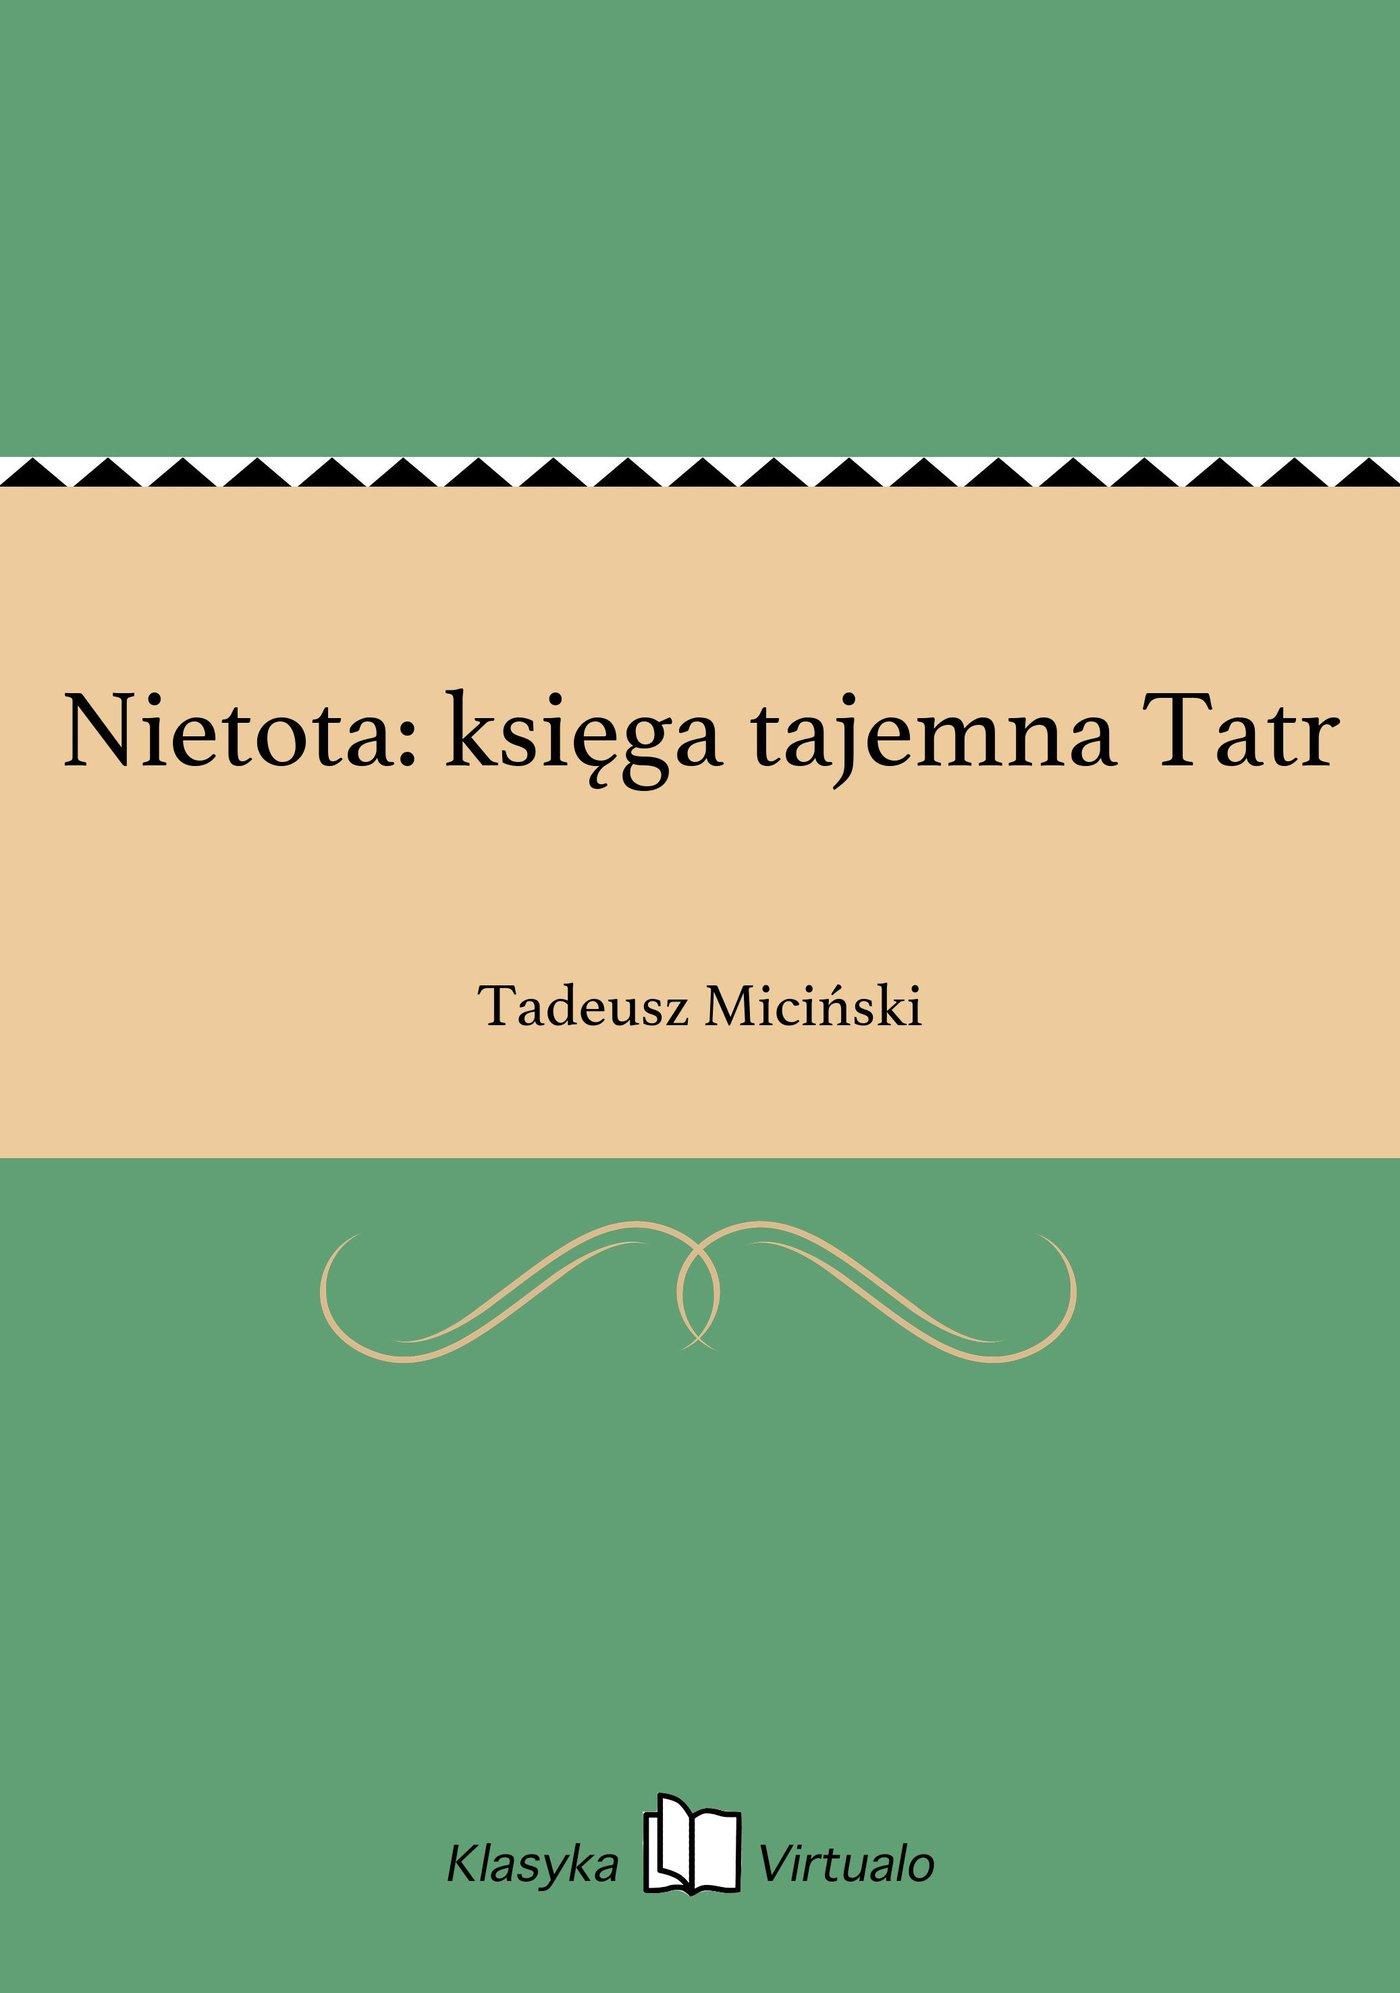 Nietota: księga tajemna Tatr - Ebook (Książka EPUB) do pobrania w formacie EPUB